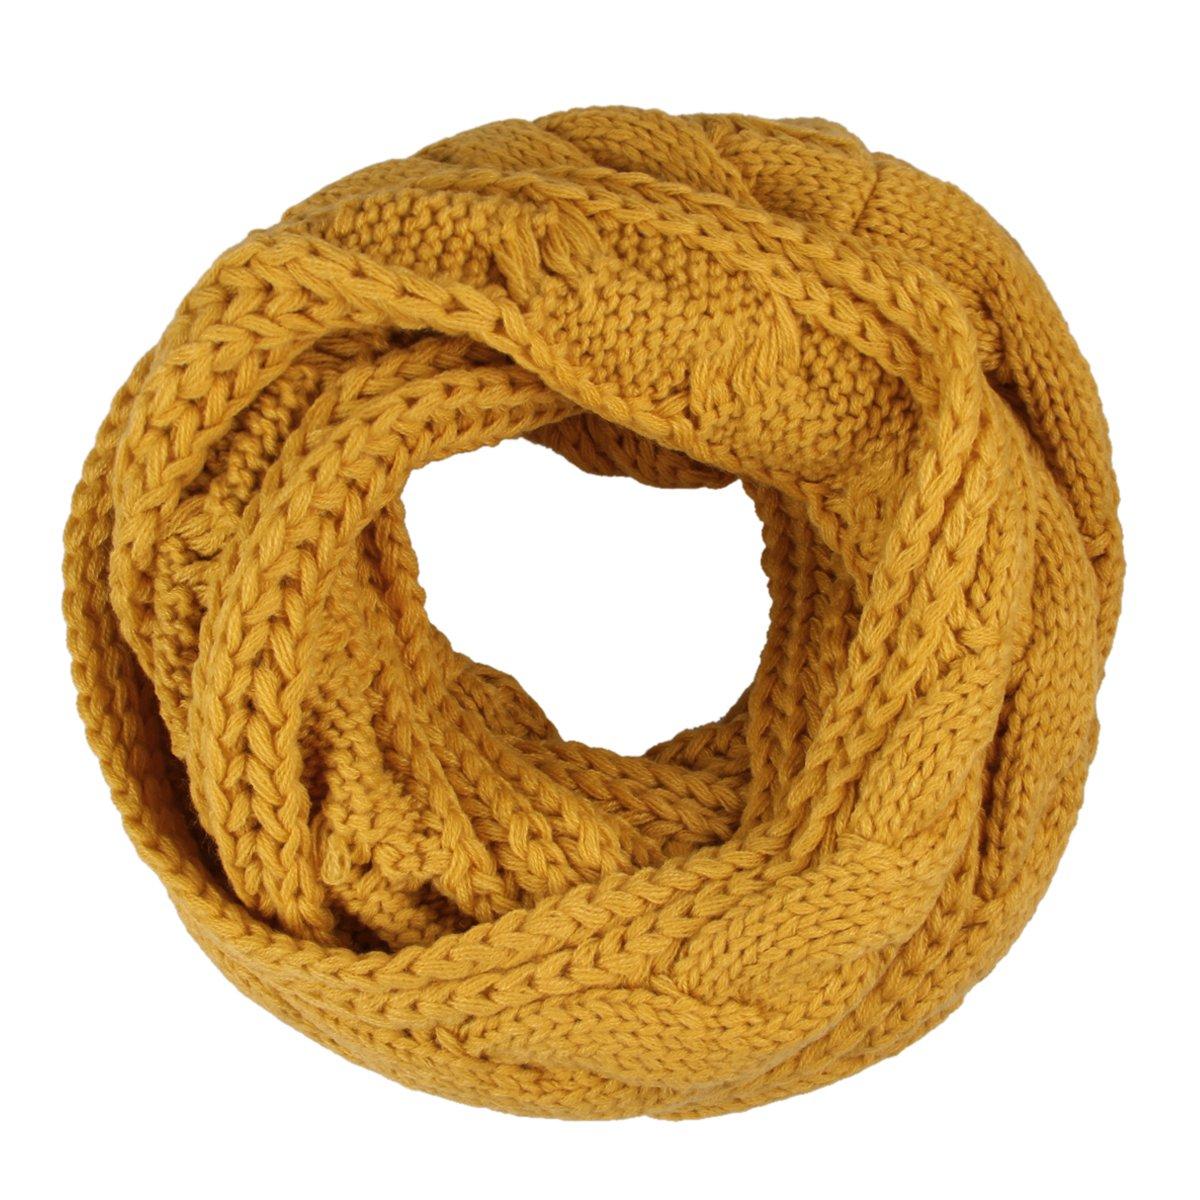 5f65204a245d Butterme Automne Hiver chaud couleur unie Echarpe tube tricoté Tails forme  Infinity Cercle Echarpe Chale Écharpe tubulaire pour Femme Homme   Amazon.fr  ...